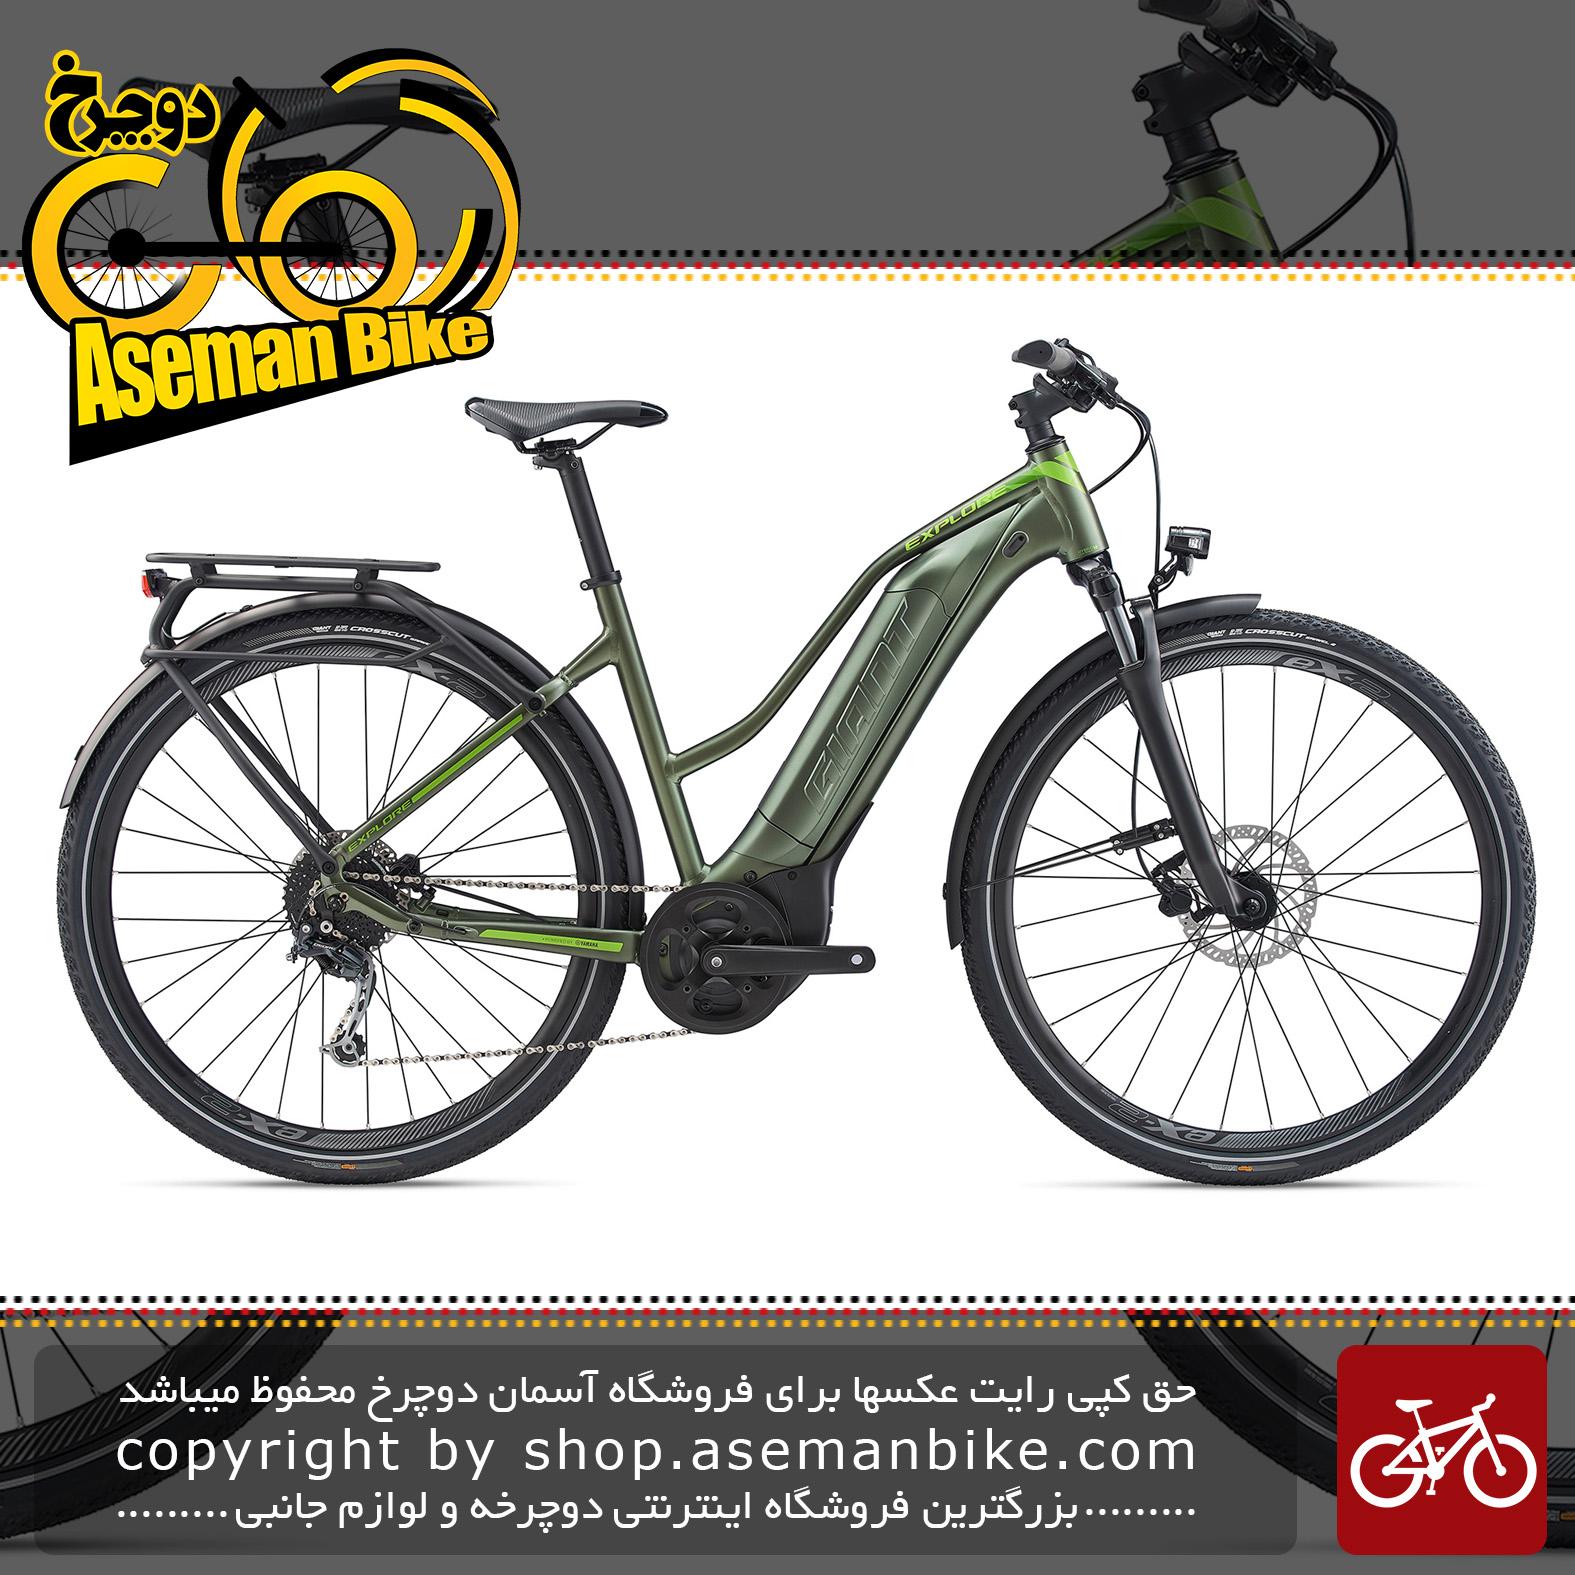 دوچرخه دومنظوره برقی جاینت مدل اکسپلور ای پلاس 3 اس تی ای 2020 Giant Trekking Bicycle Explore E+ 3 STA 2020